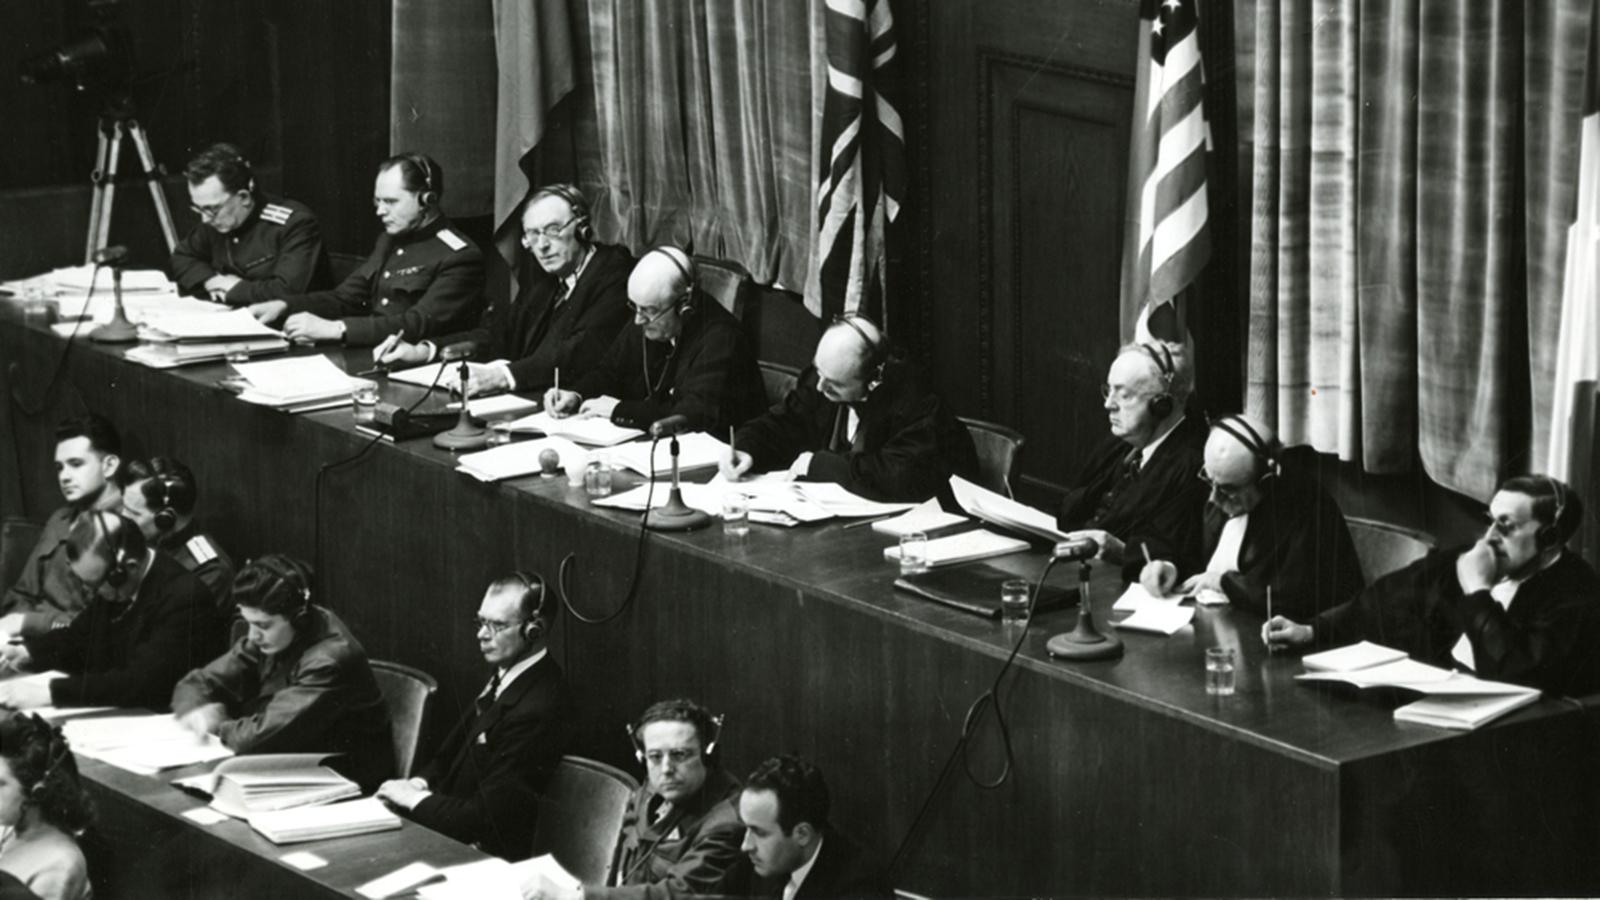 1946 Год. судьи во время Нюрнбергского процесса. Фото: en.wikipedia.org